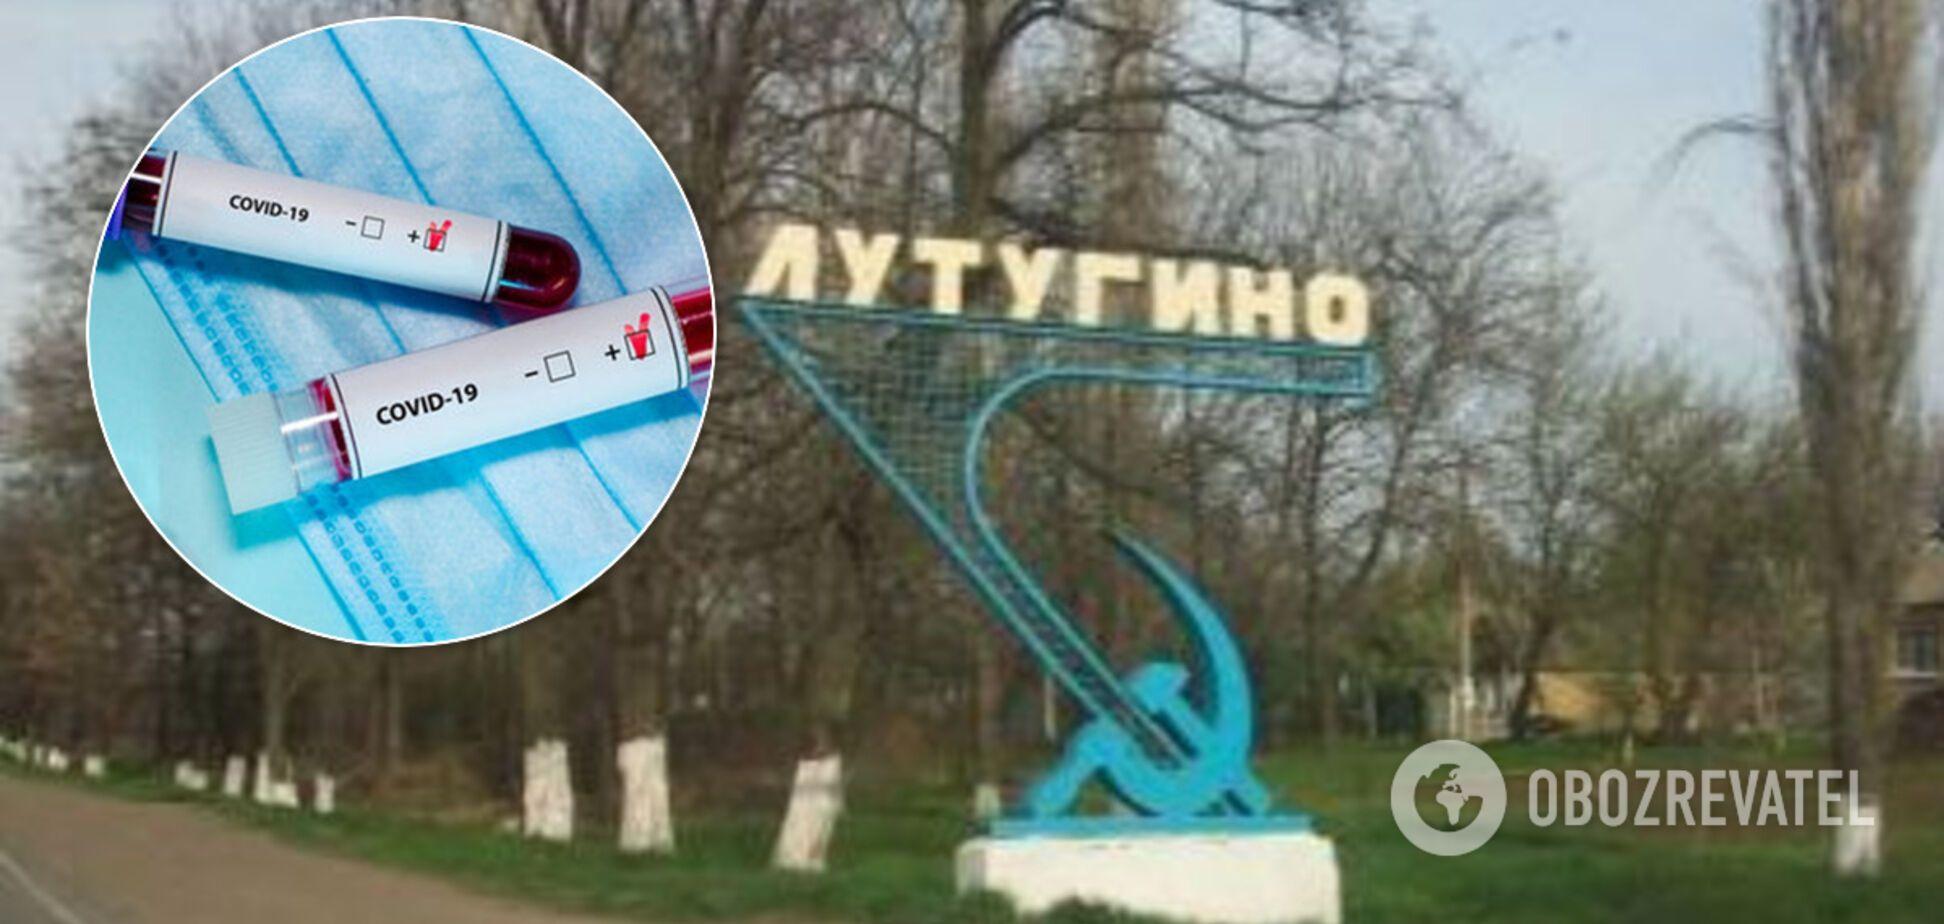 СМИ сообщило, что в больнице 'ЛНР' больных COVID-19 заселили к здоровым, назрел бунт. Иллюстрация